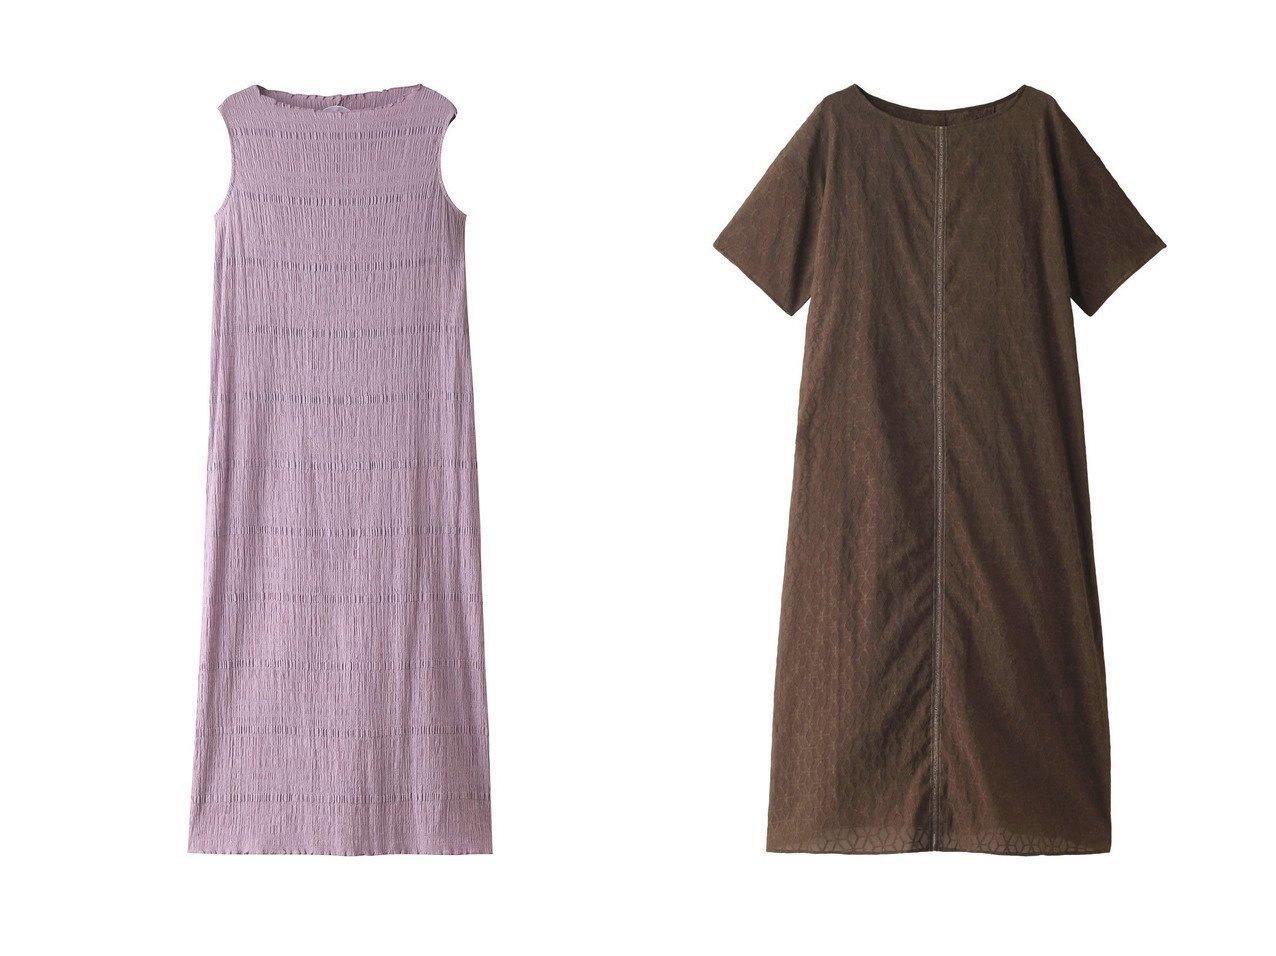 【Pheeta/フィータ】のVera クレープノースリーブドレス&Christine 刺繍ドレス 【ワンピース・ドレス】おすすめ!人気、トレンド・レディースファッションの通販 おすすめで人気の流行・トレンド、ファッションの通販商品 メンズファッション・キッズファッション・インテリア・家具・レディースファッション・服の通販 founy(ファニー) https://founy.com/ ファッション Fashion レディースファッション WOMEN ワンピース Dress ドレス Party Dresses サマー ドレス ノースリーブ フィット ロング リラックス 今季  ID:crp329100000035546